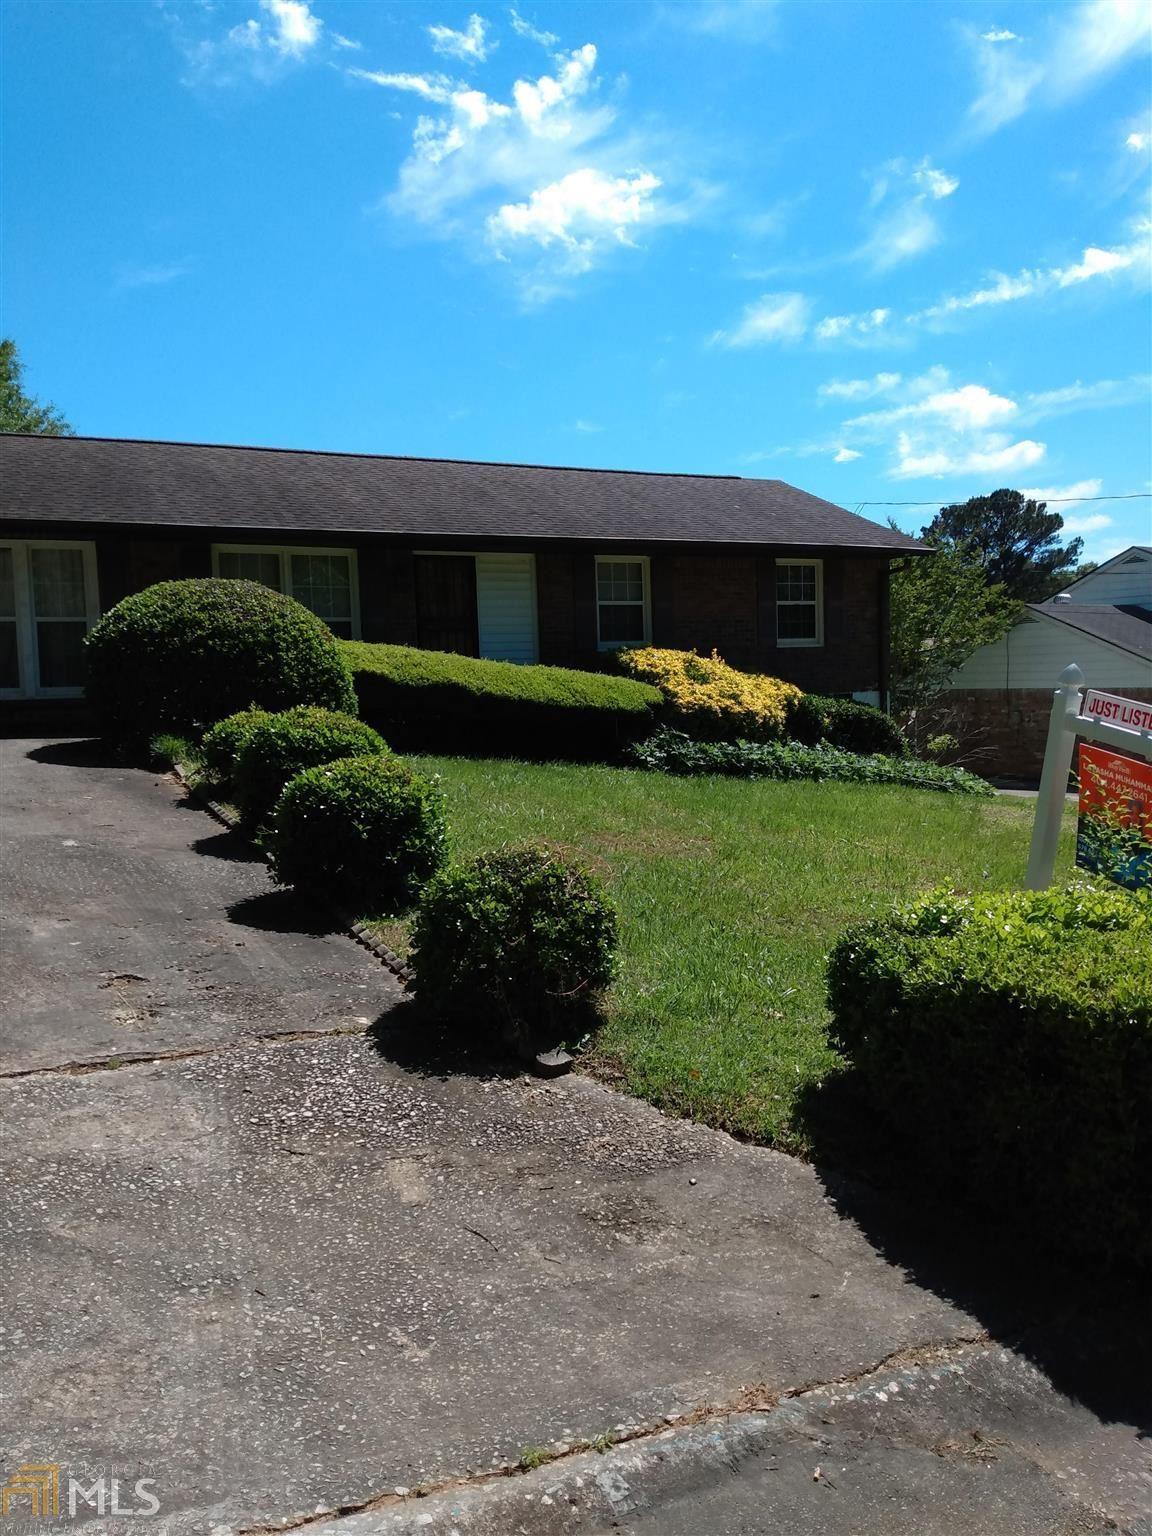 405 King Arthur Ct, Jonesboro, GA 30236 - #: 8966393